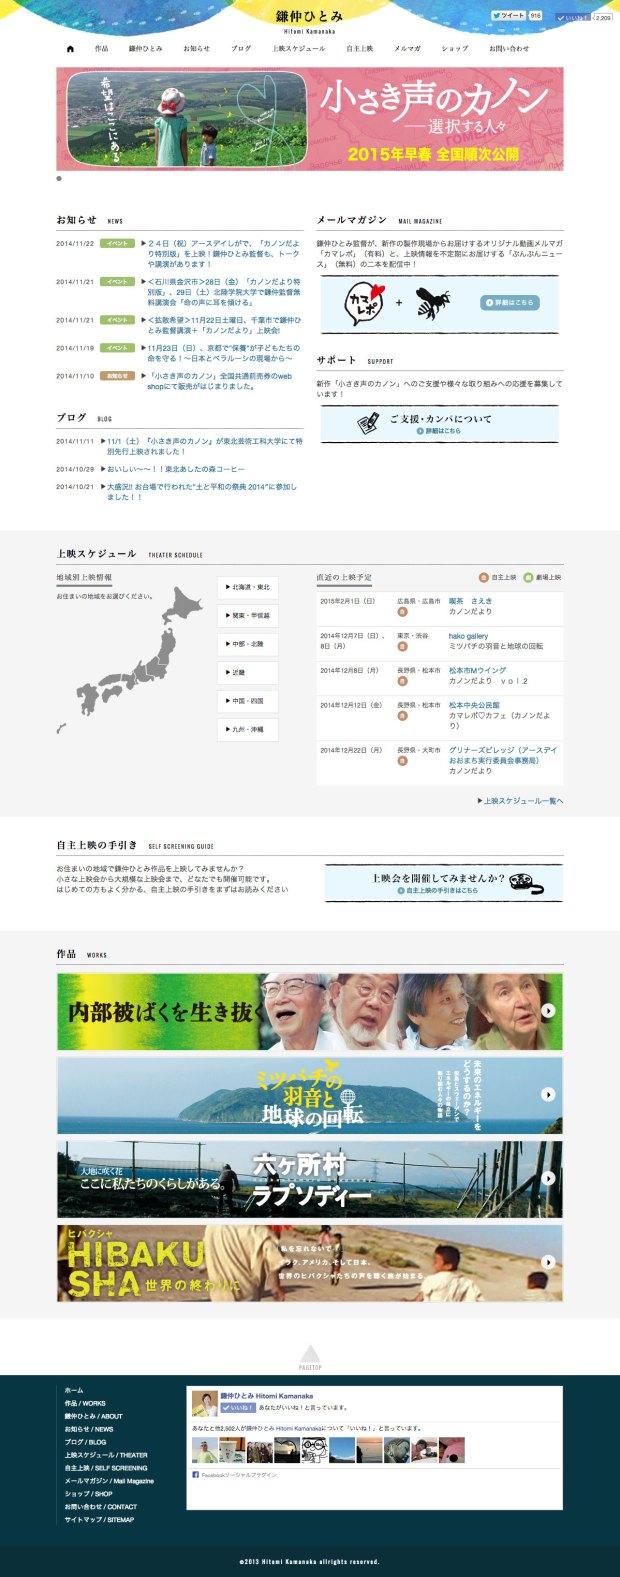 鎌仲ひとみ 公式ウェブサイト